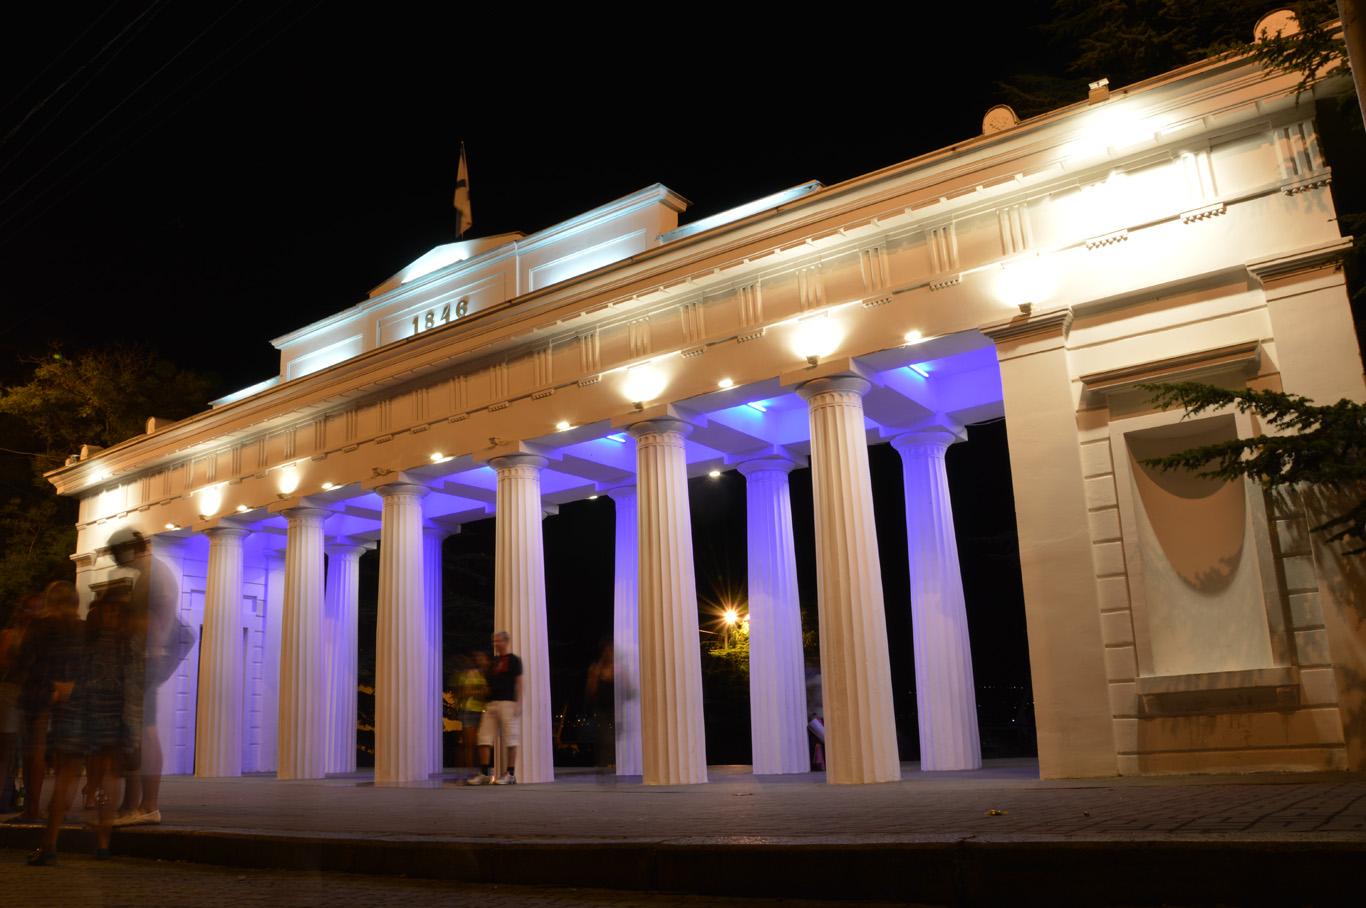 Sevastopol at night